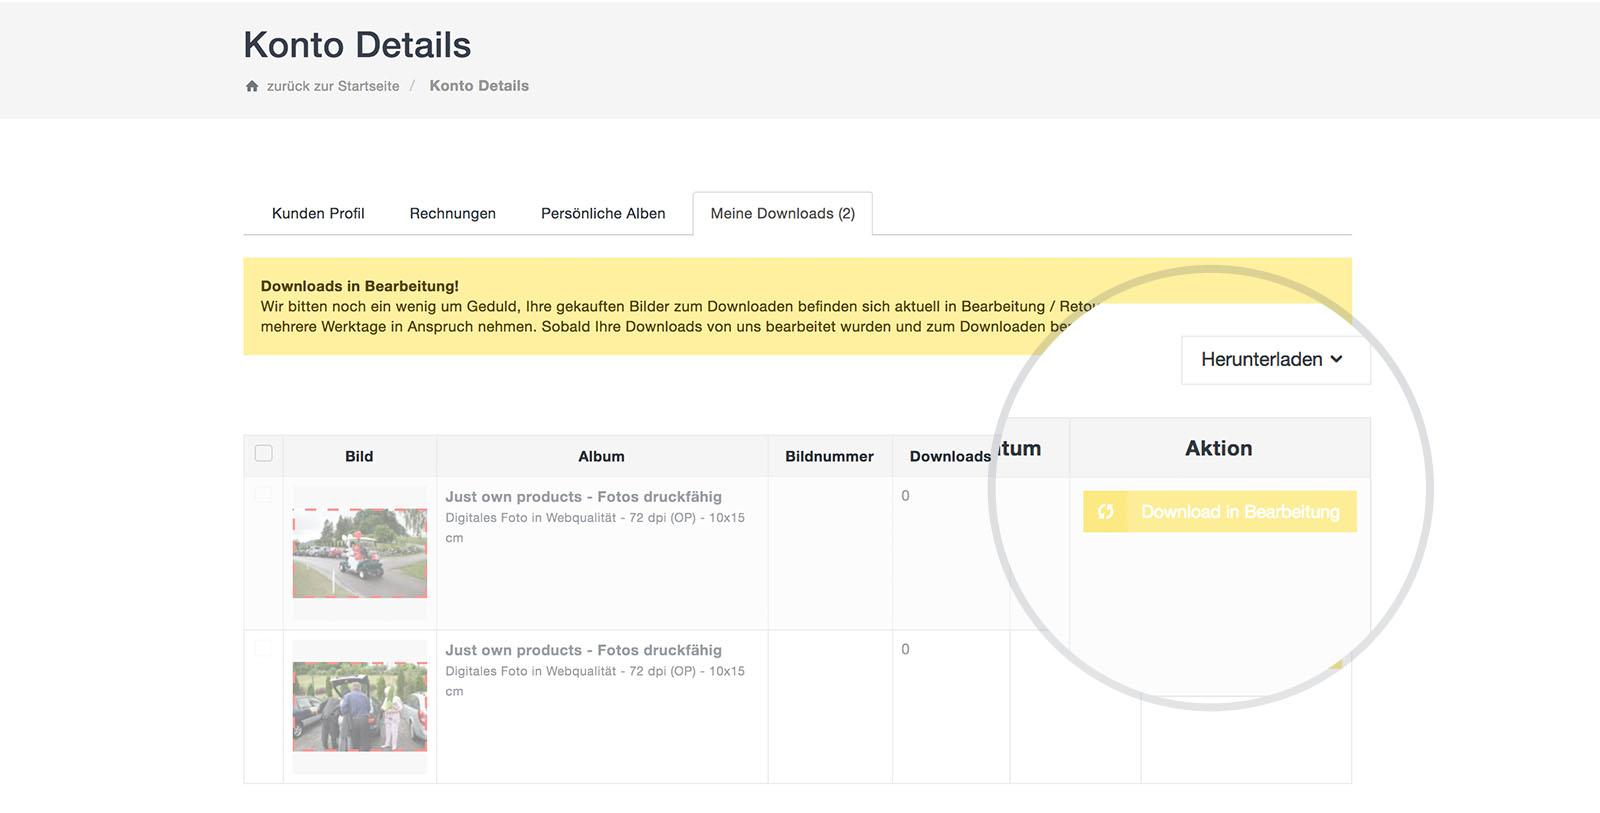 Bildkopie-photo-online-shop-fuer-fotografen-fotostudios-bilder-clever-onliner-verkaufen-11-kunden-downloadbereich-im-webshop-wurde-verstaendlicher-gestaltet